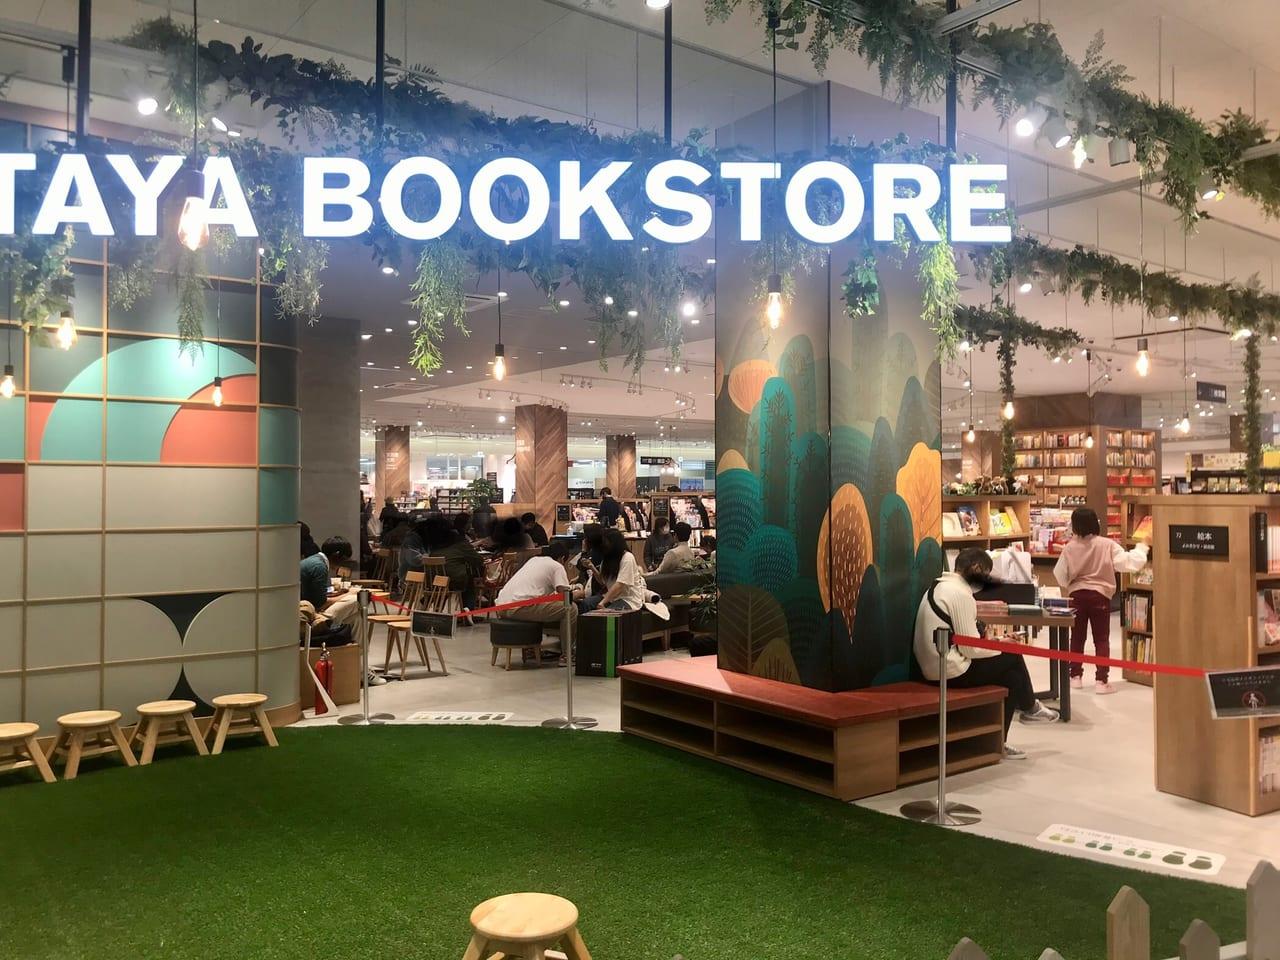 TUTAYAエミフルMASAKI店のキッズスペース